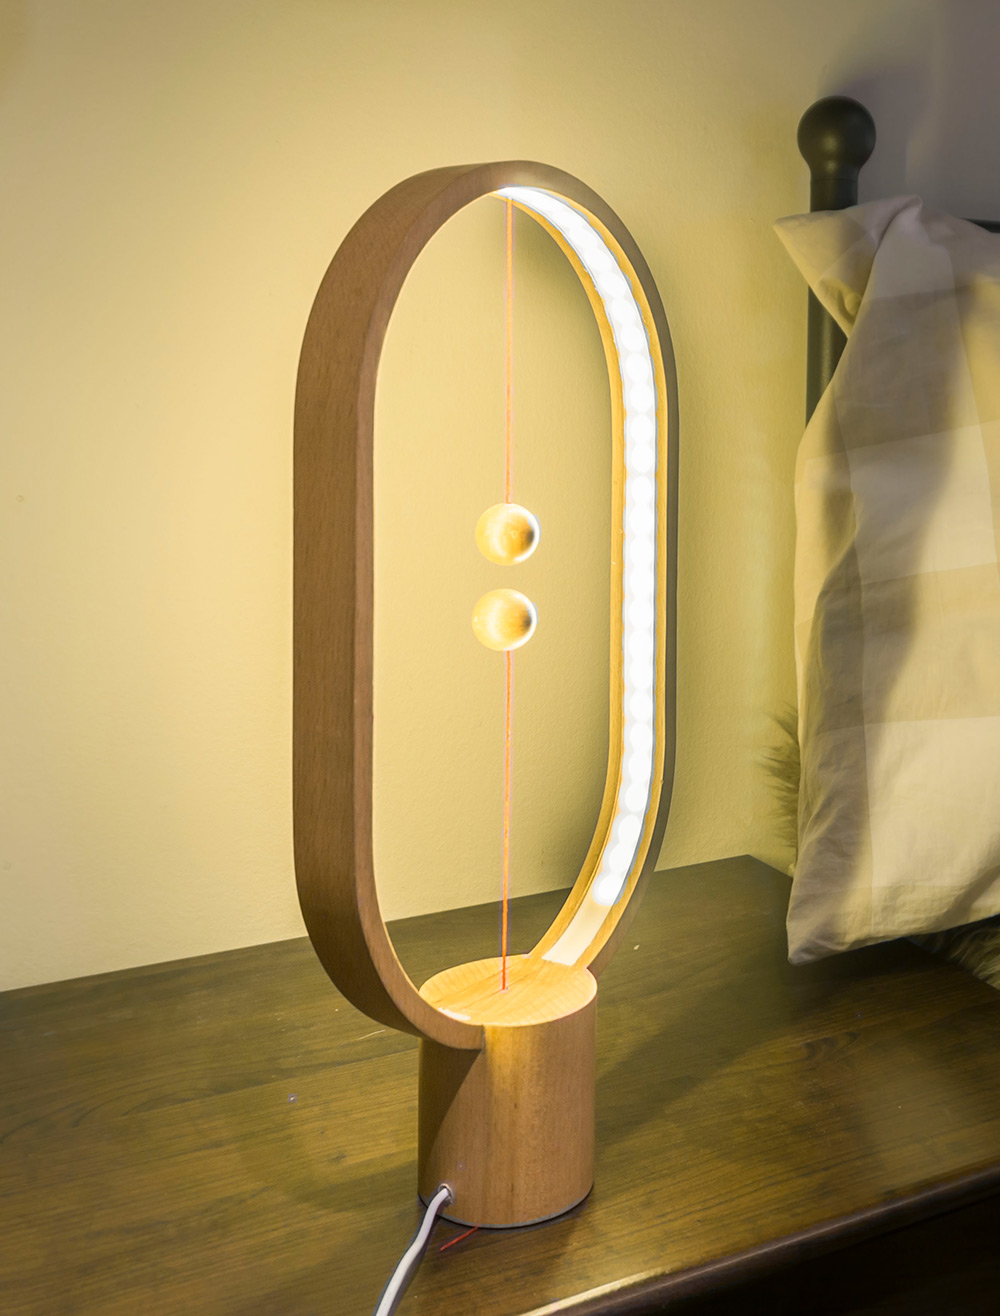 detalle de la lámpara encendida